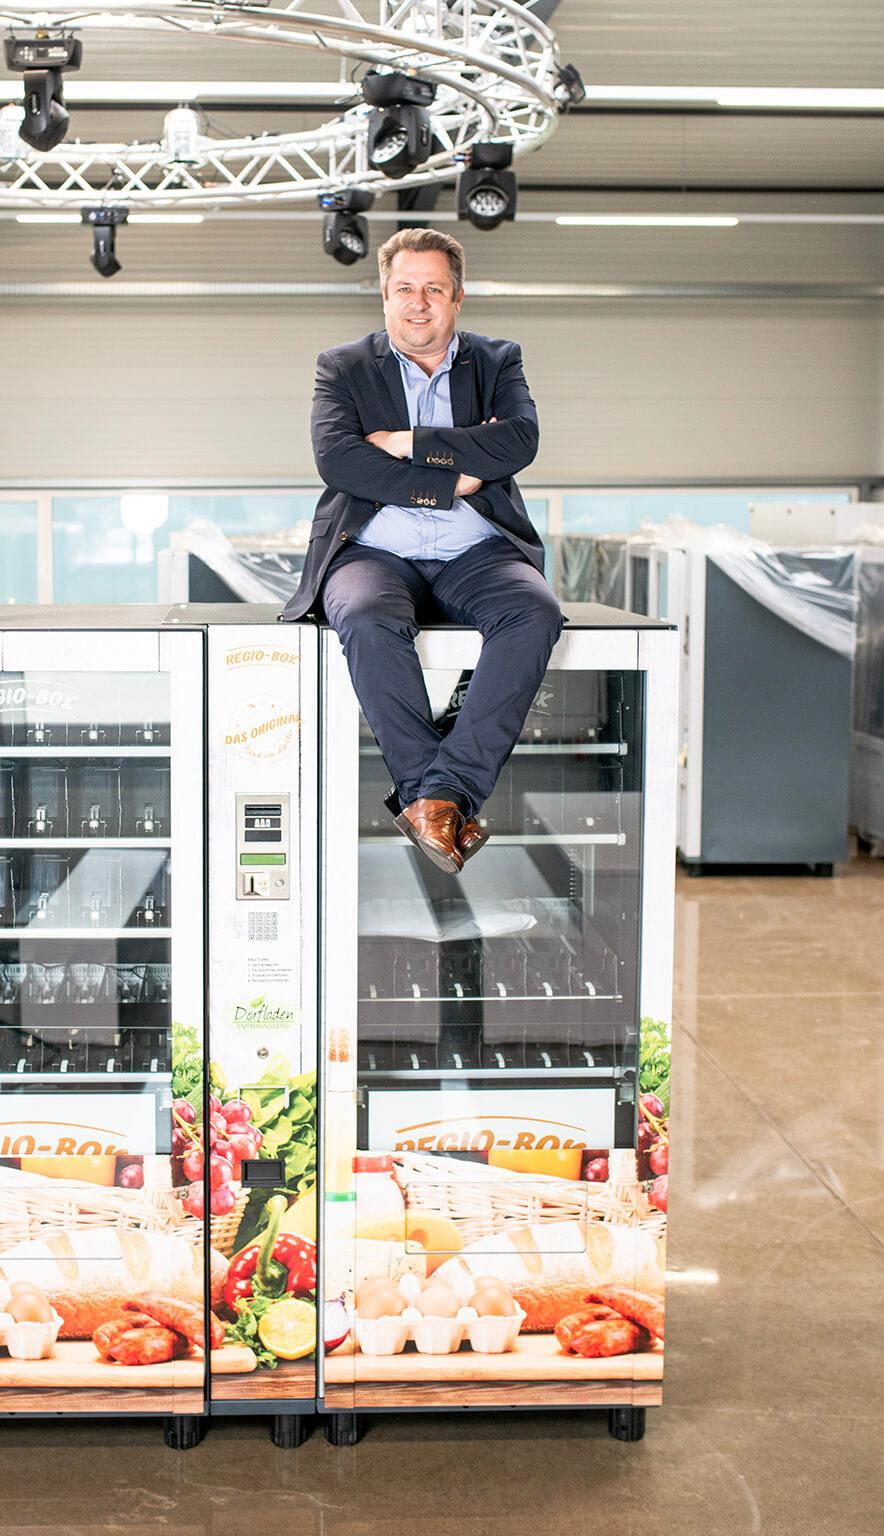 Dirk Hensing auf einer Regio-Box